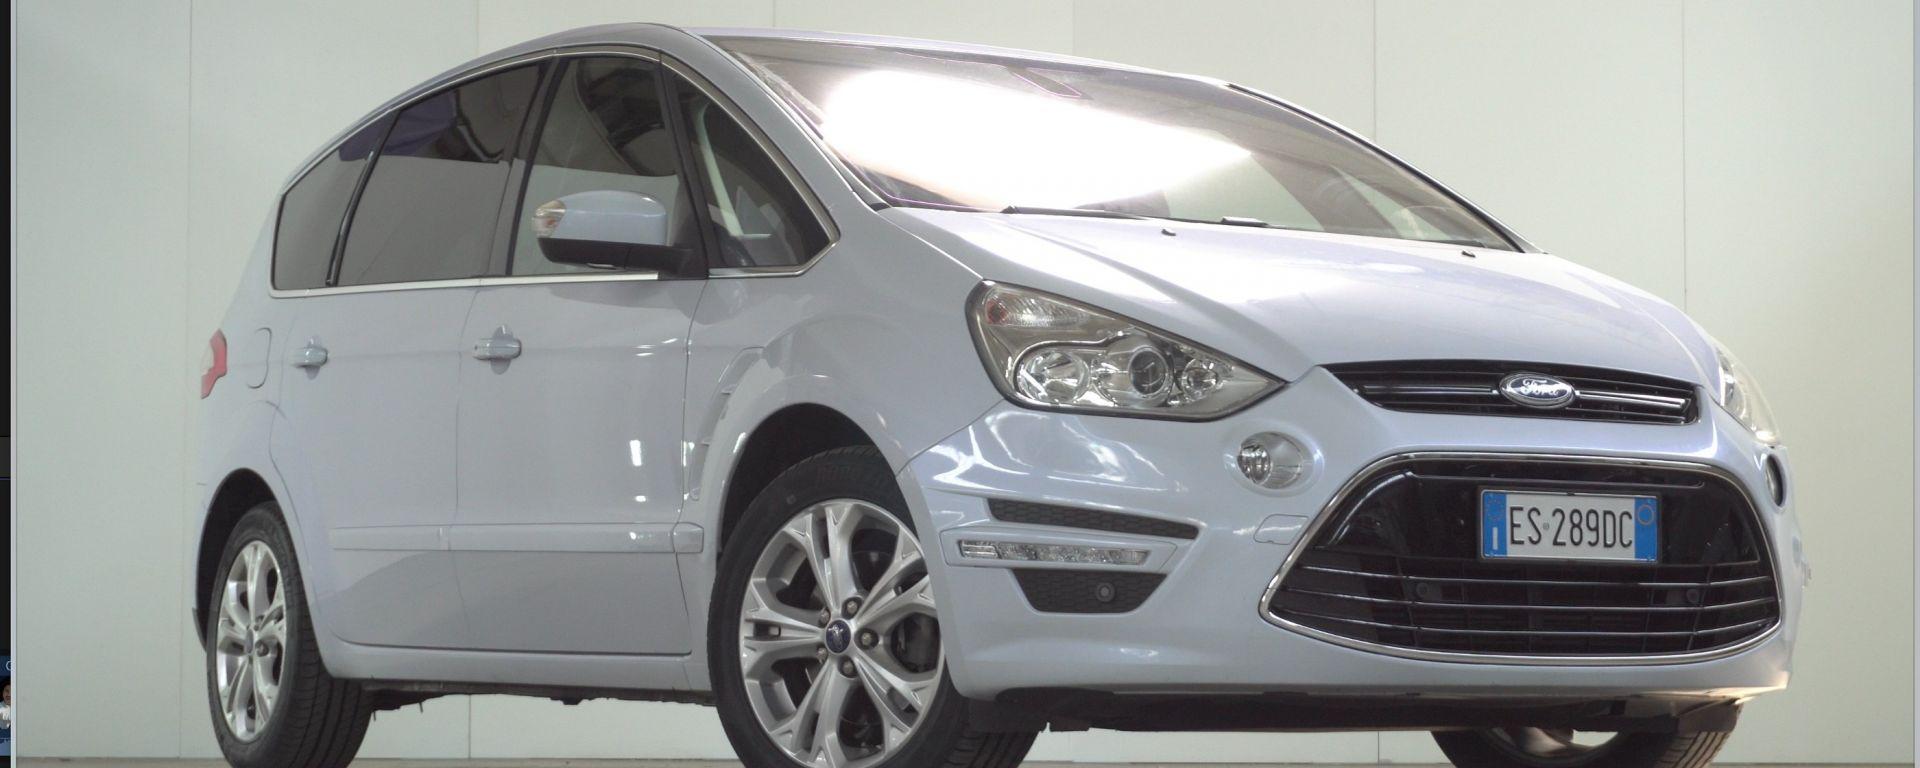 Ford S-Max del 2013